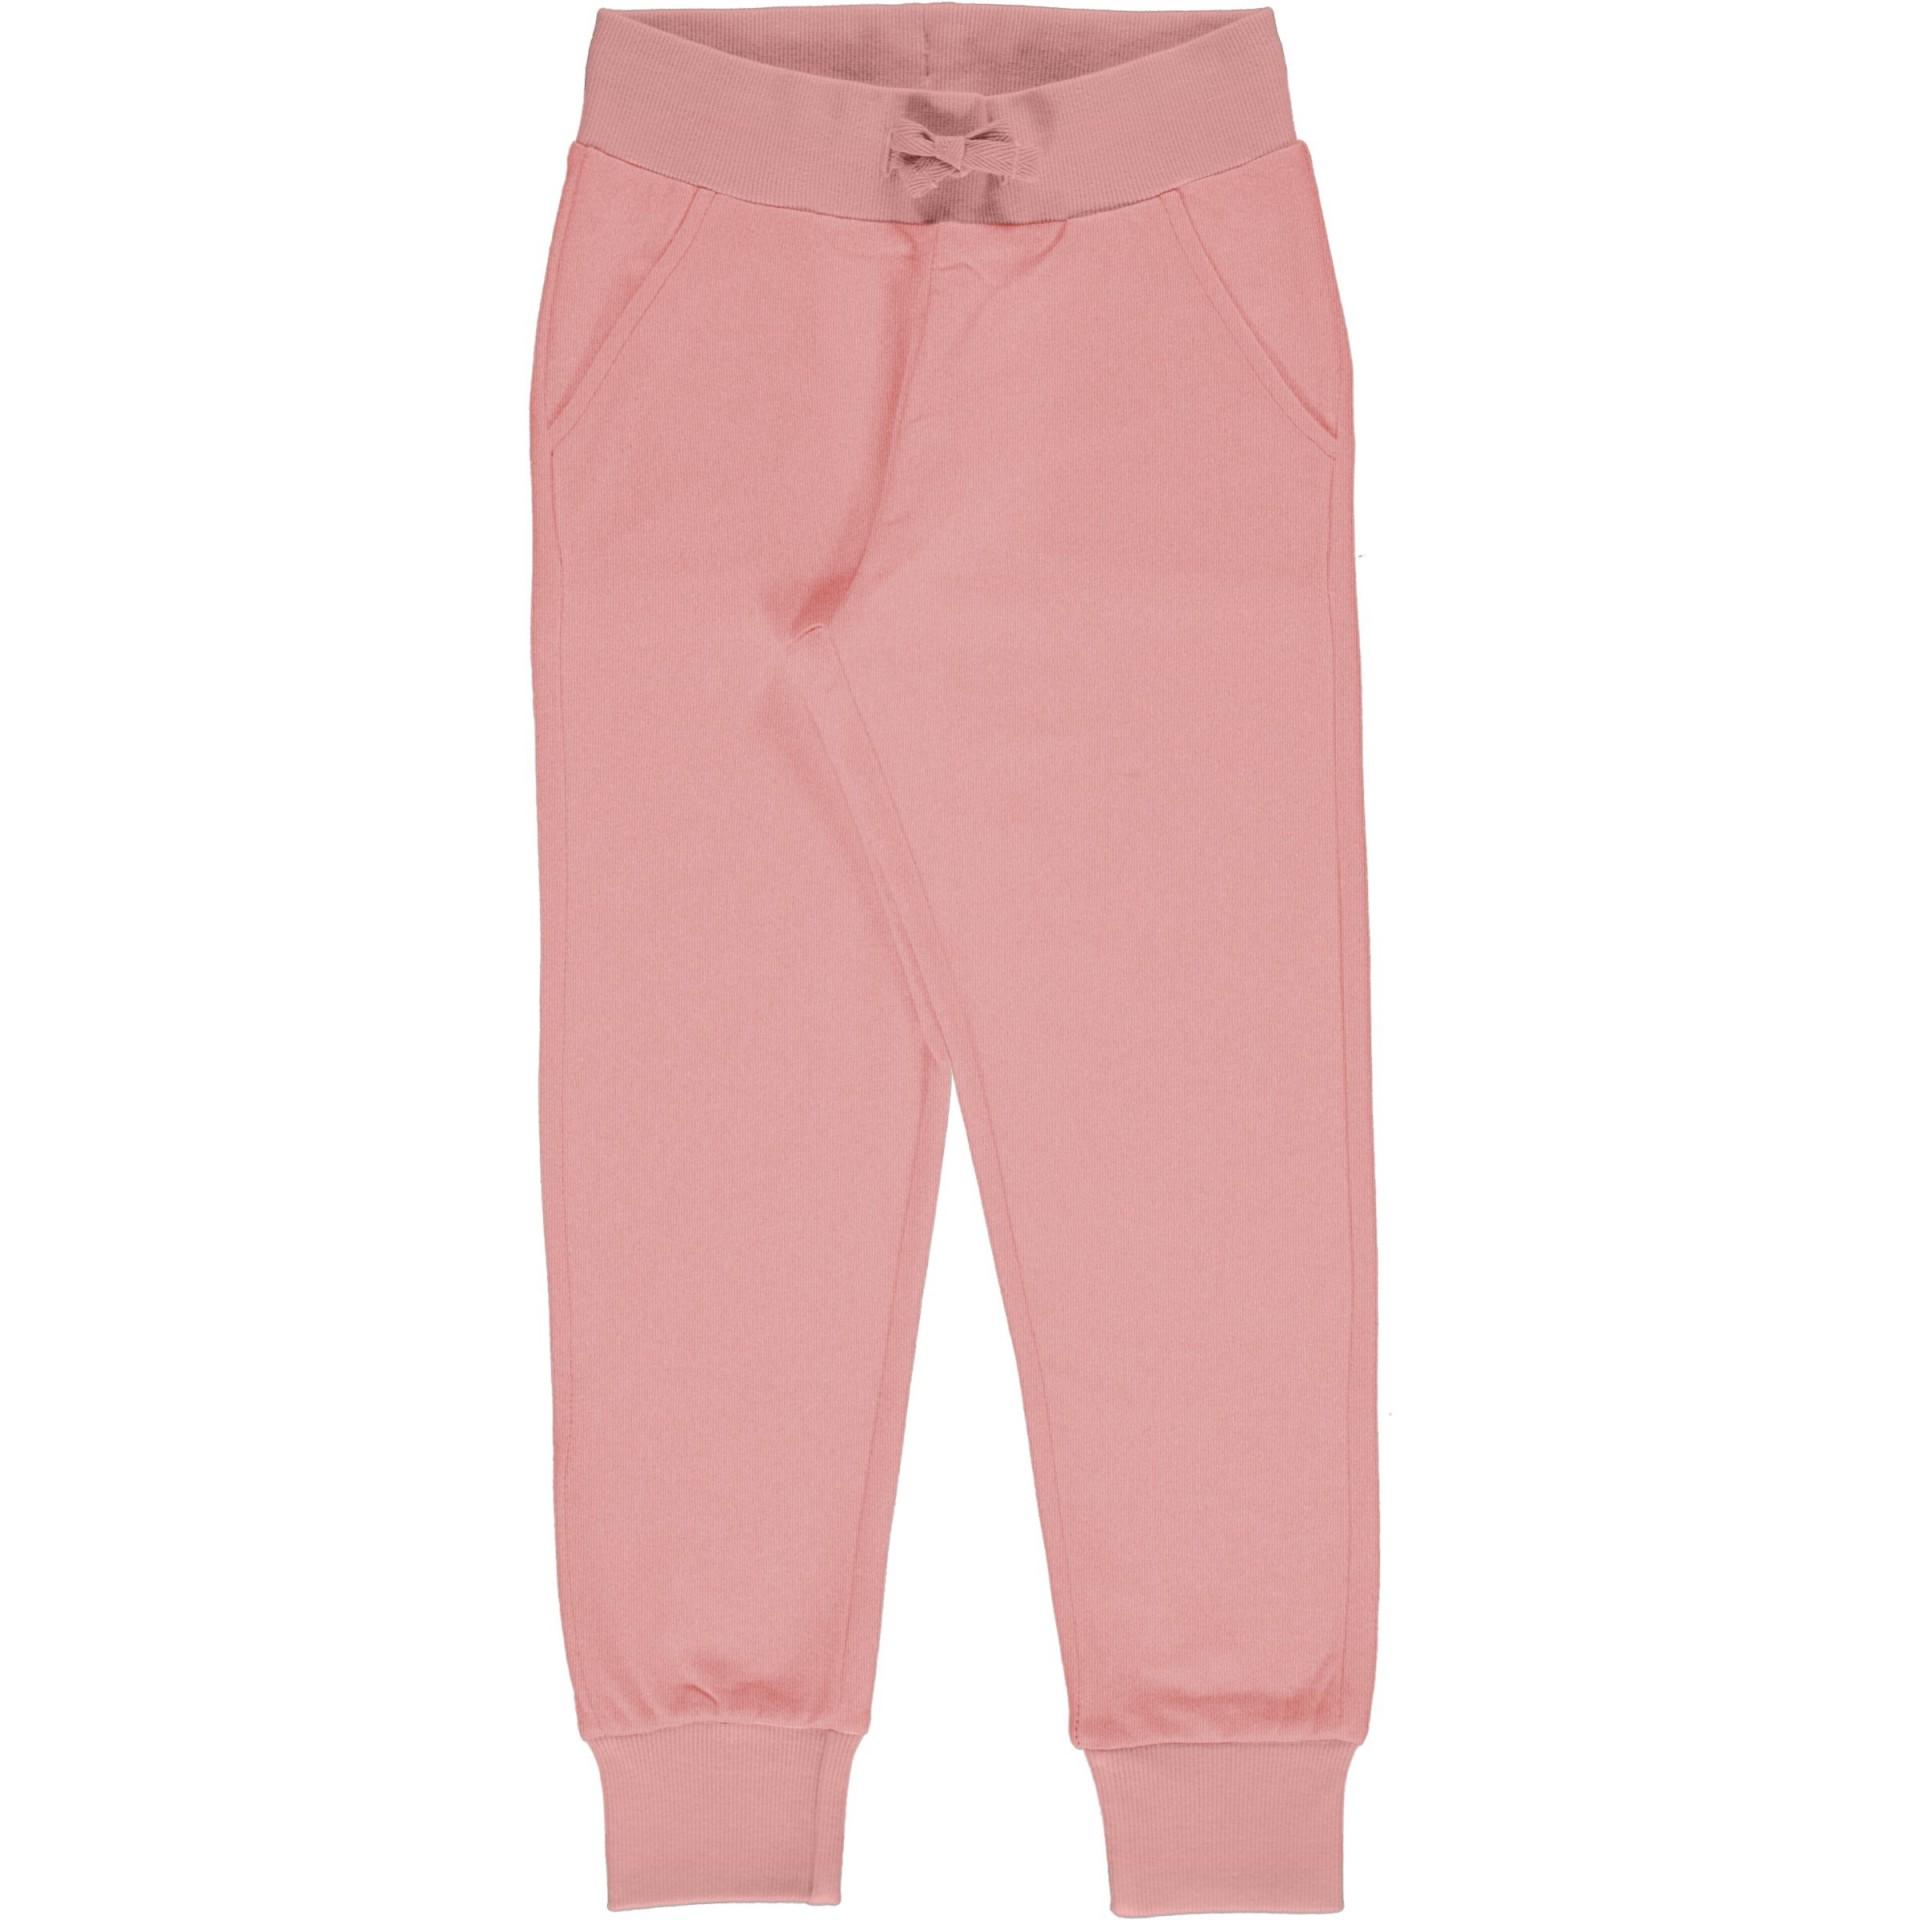 Calças de sweat DUSTY ROSE Maxomorra (Tamanhos disponíveis 18-24a)